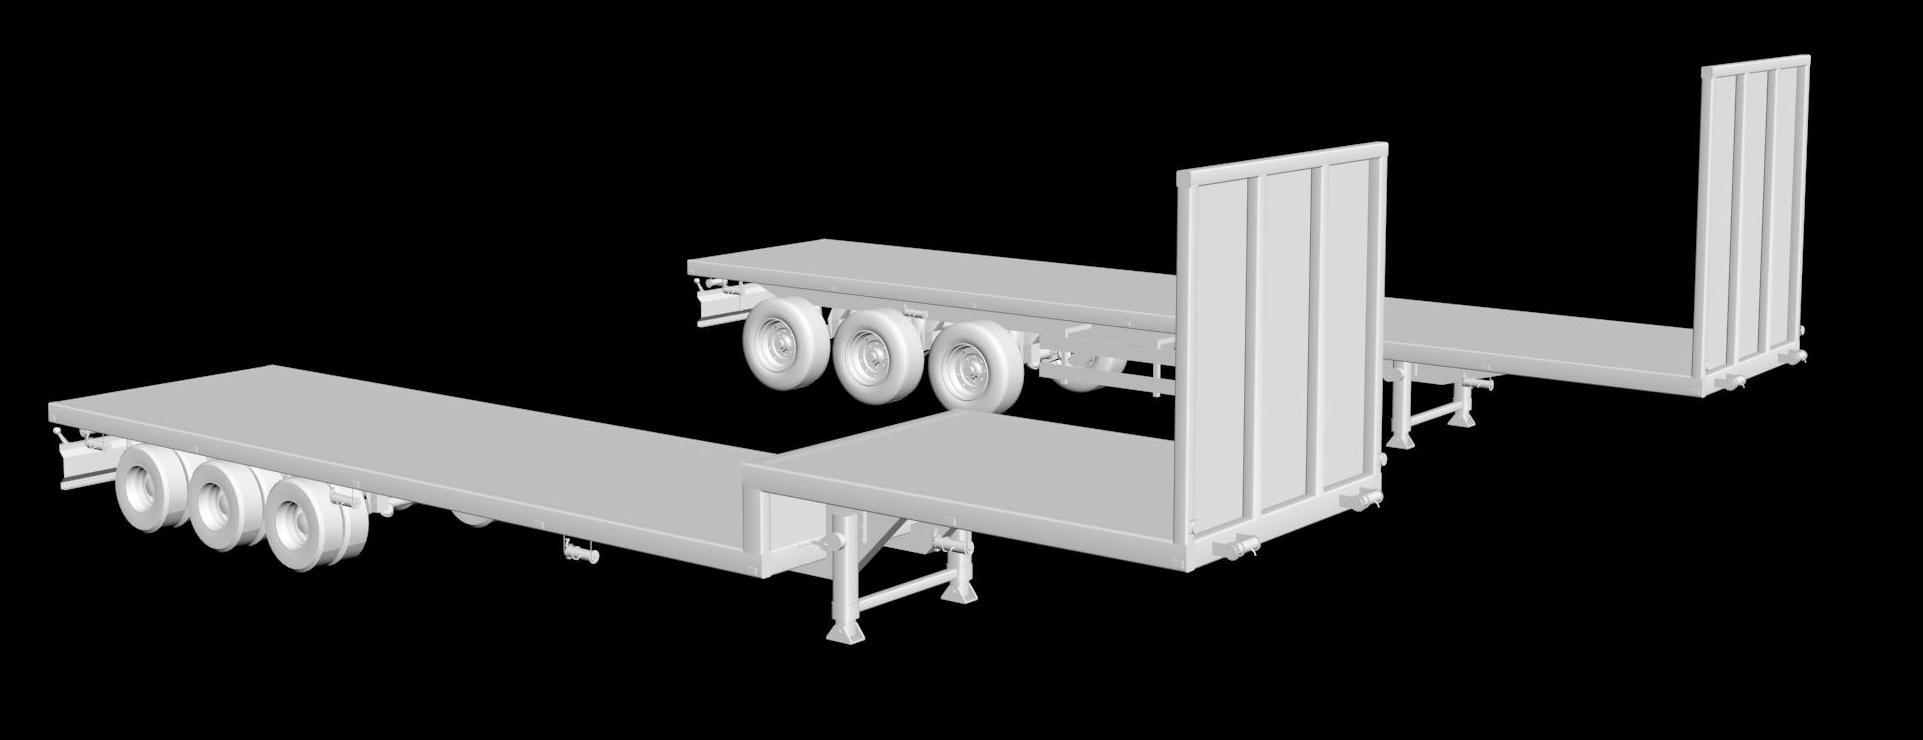 [Encuesta][T.E.P.] Proyecto Aguas Tenias (22 modelos + 1 Camión) [Terminado 21-4-2014]. - Página 4 44u0kwi